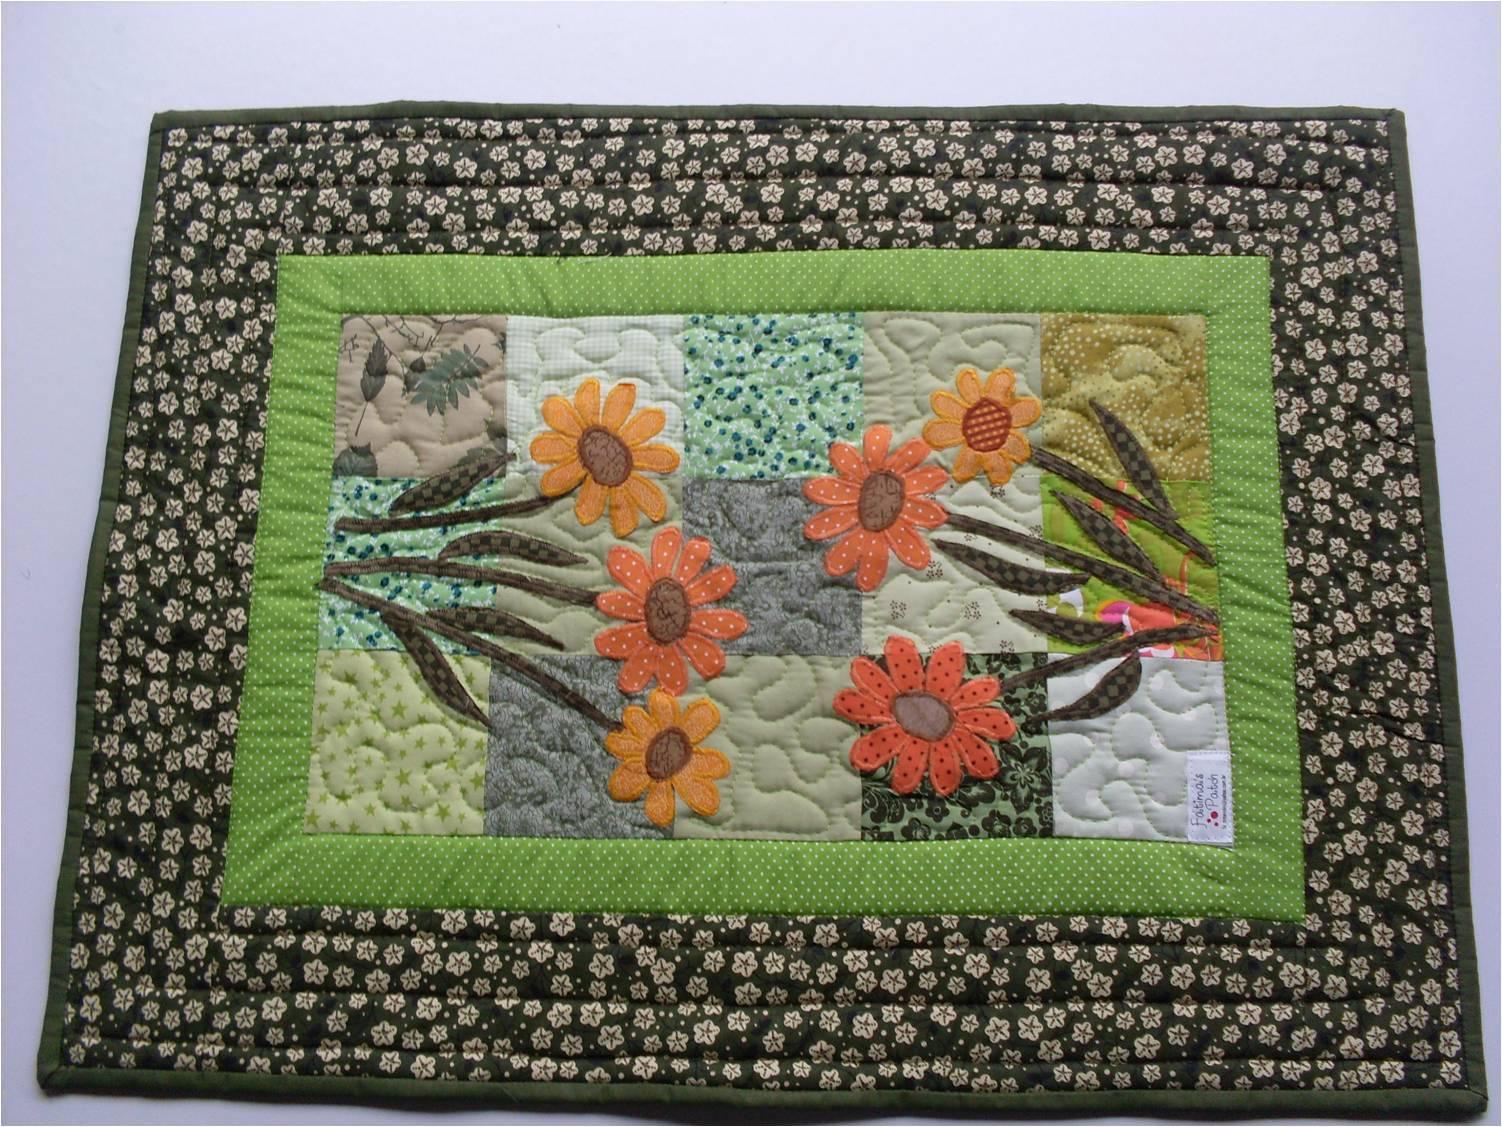 Patchwork Tapete De Banheiro : tapete-em-patchwork-patchwork-banheiro